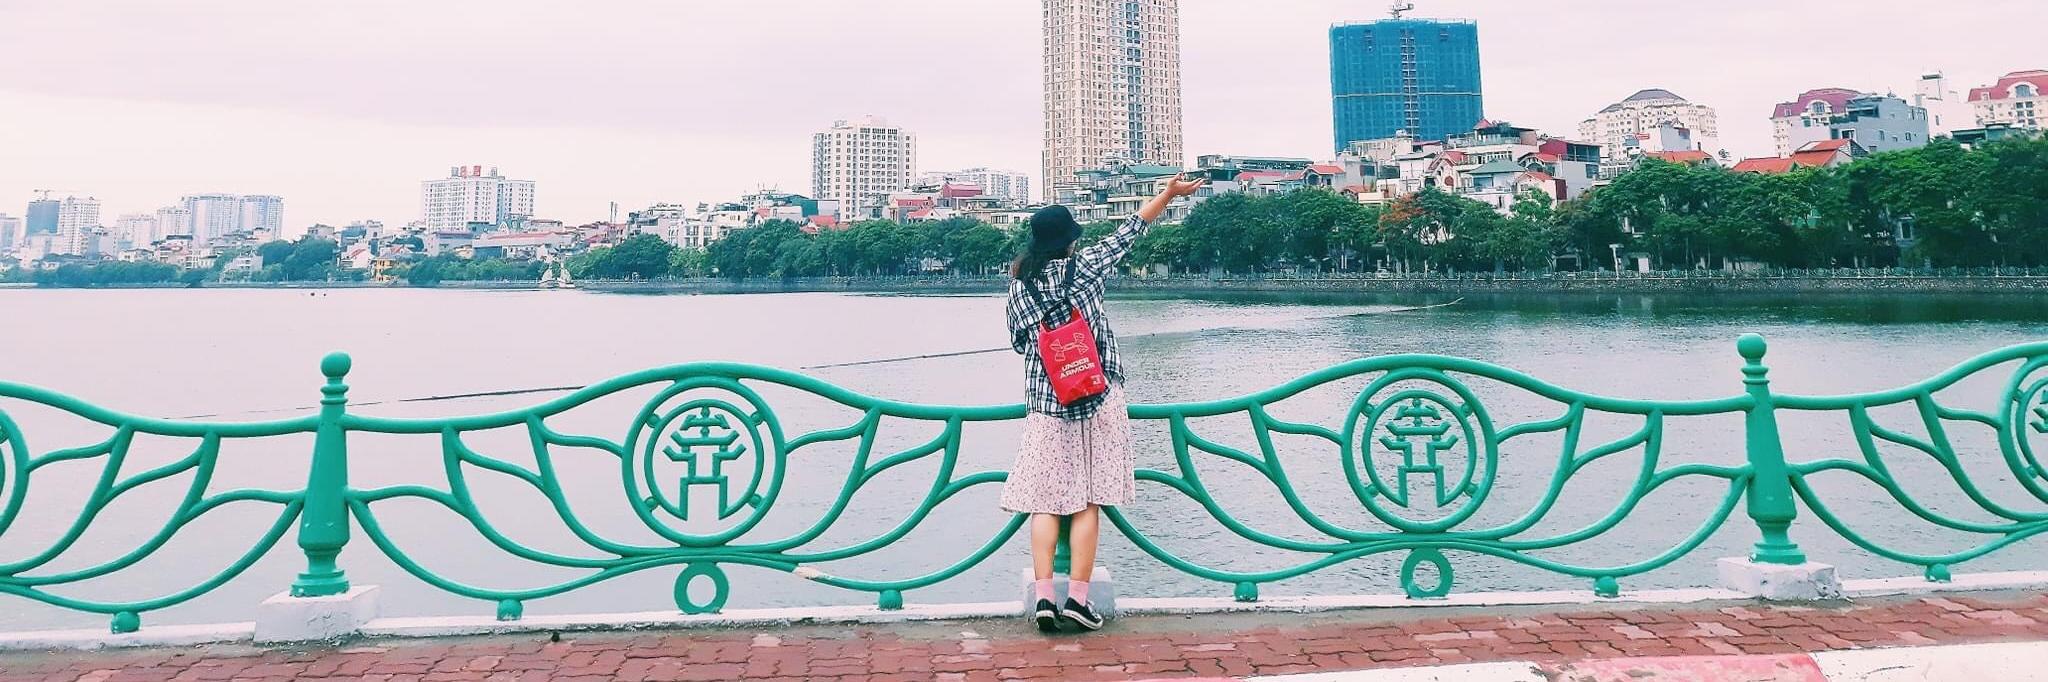 https://gody.vn/blog/congchua_mauhong803174/post/du-lich-ha-noi-mua-thu-9094